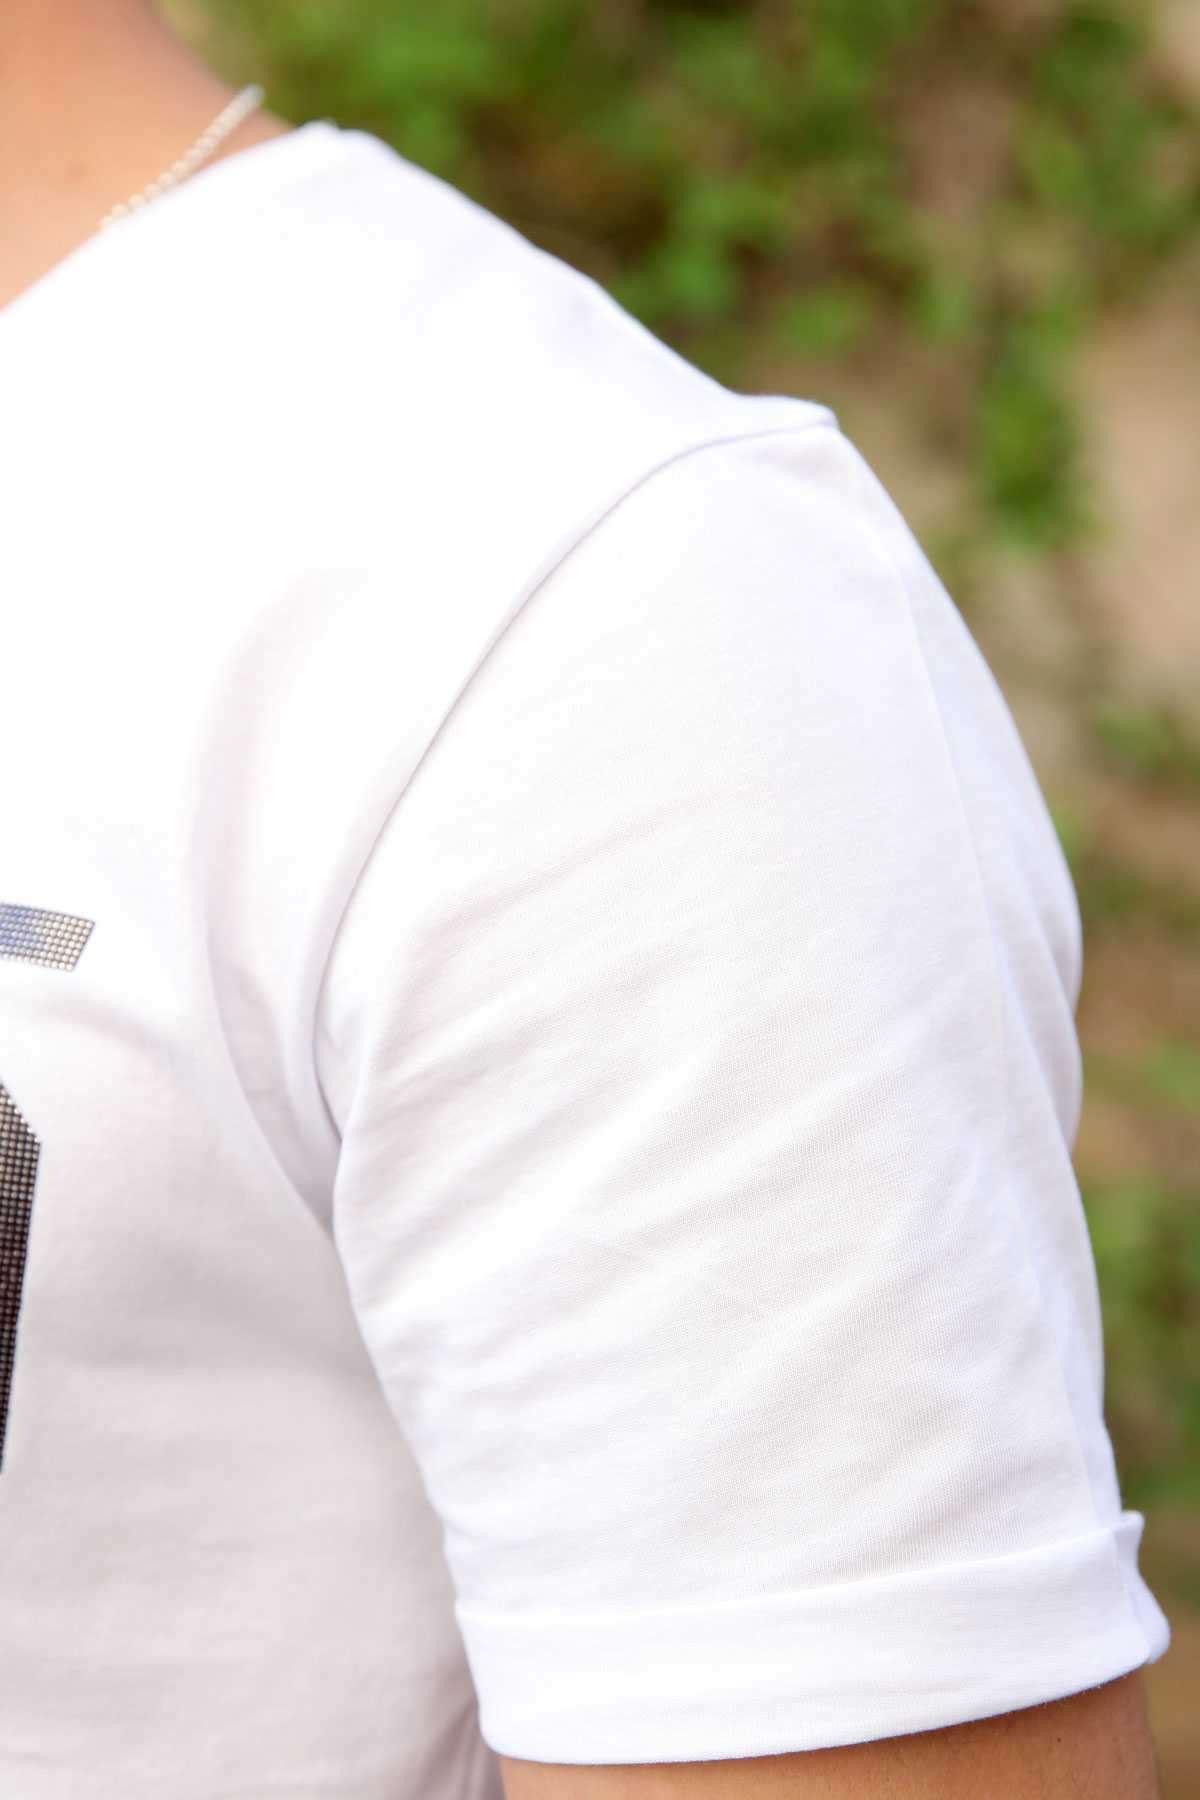 Göğüs Parlak 302 Rakam Baskılı Sıfır Yaka Tişört Beyaz